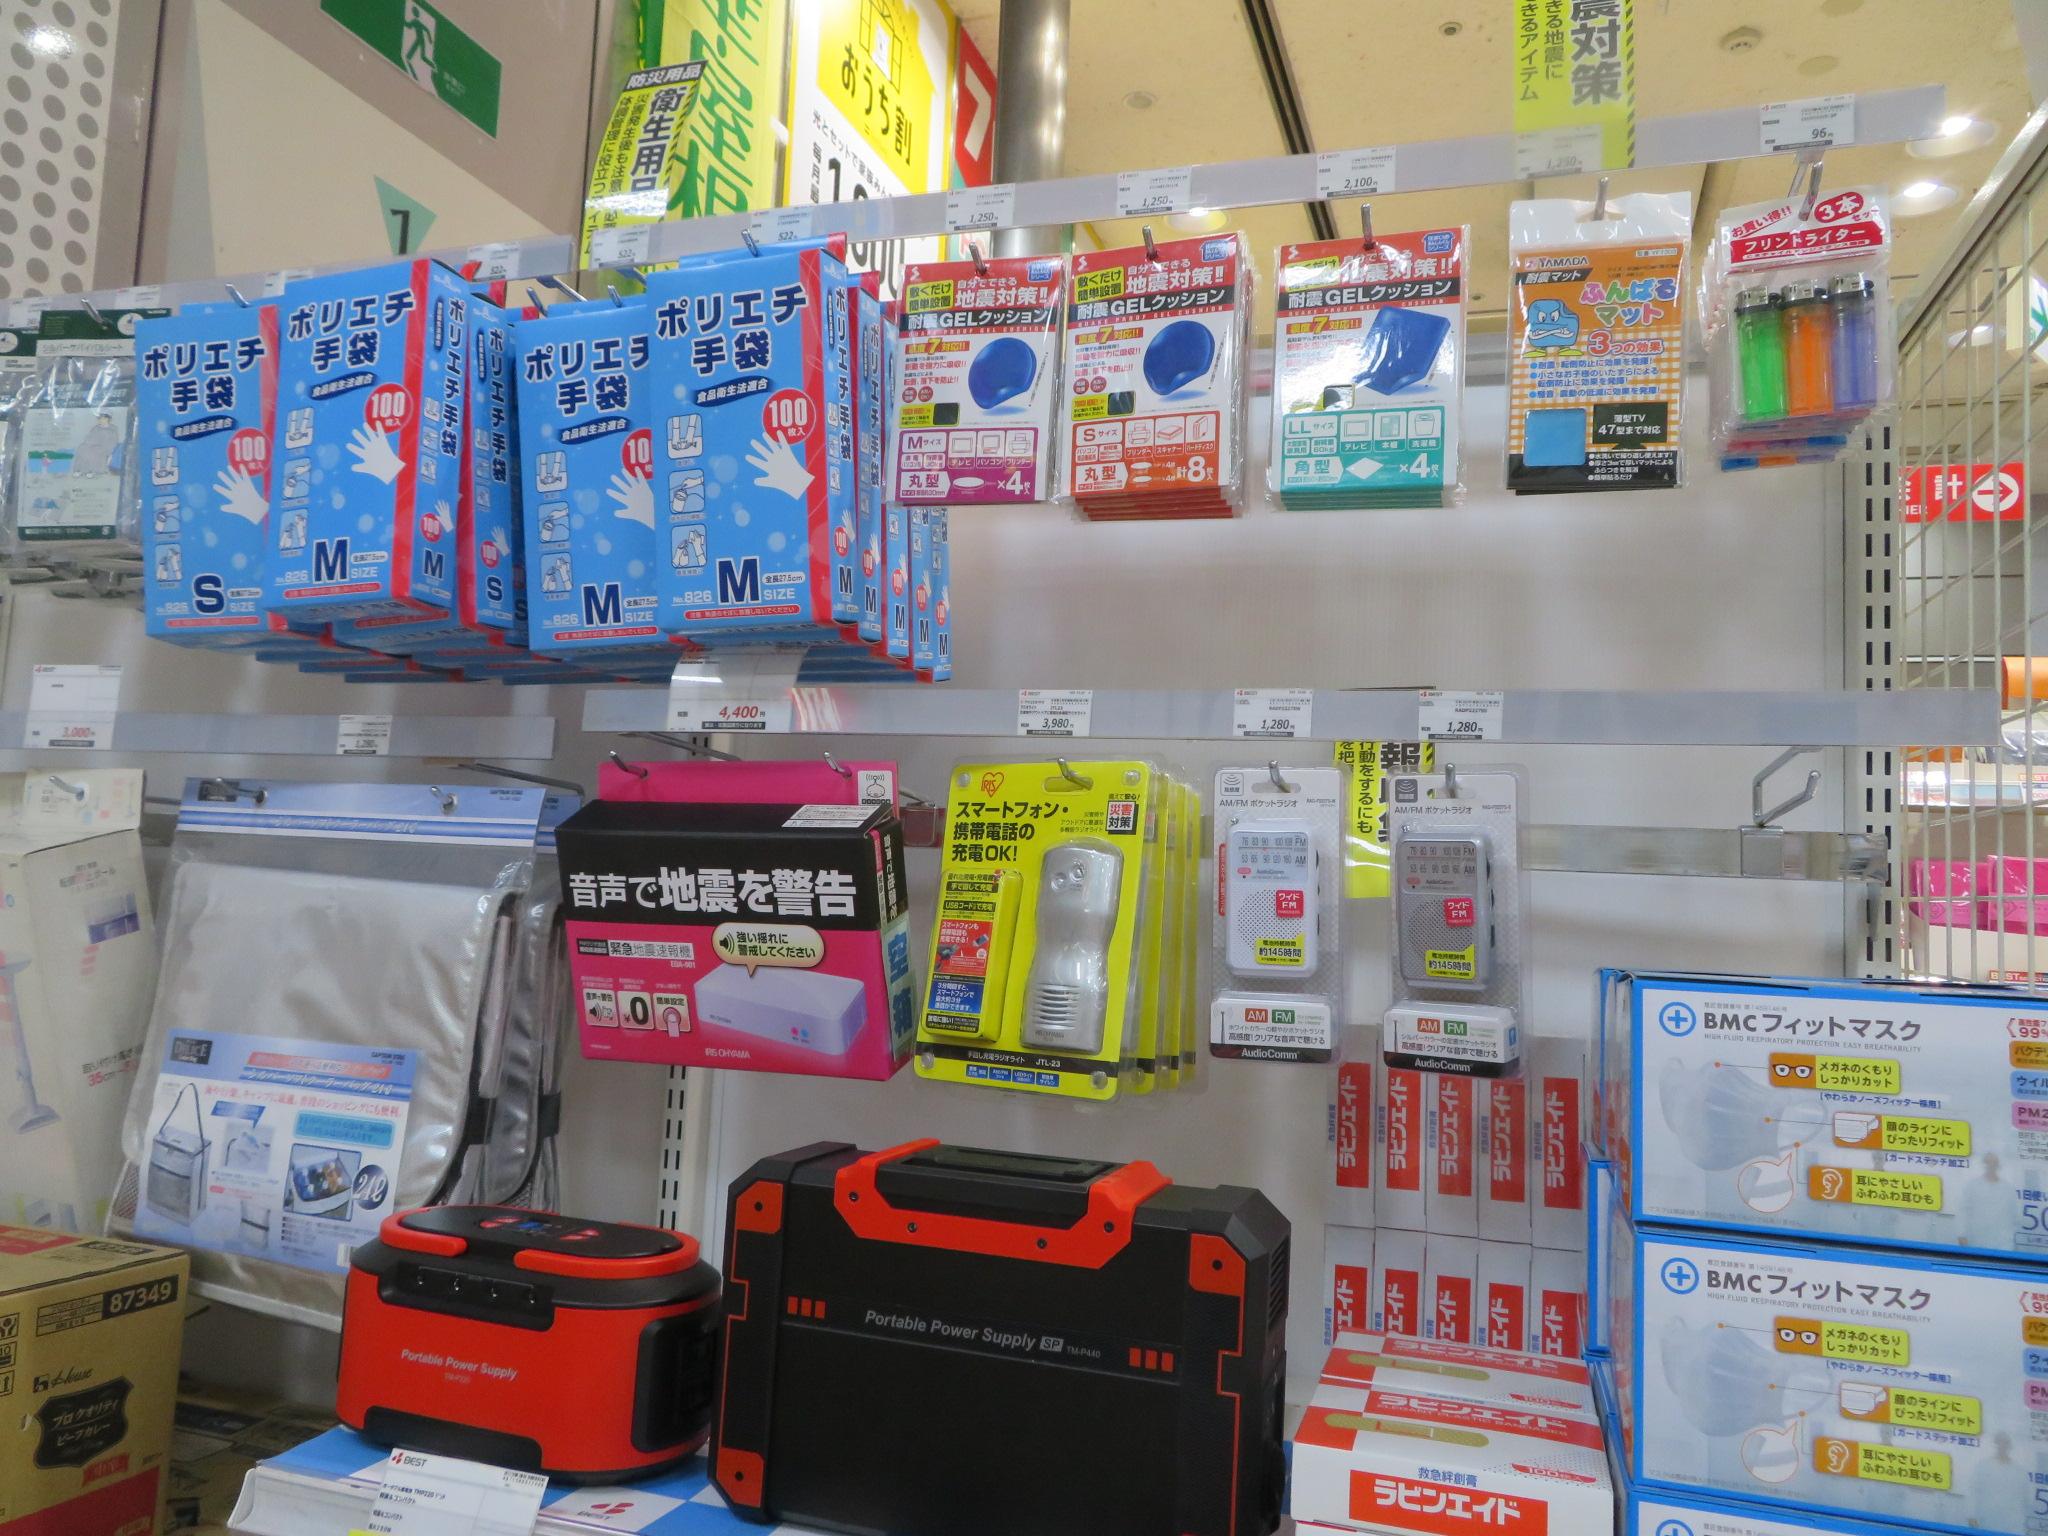 家庭用ポータブル蓄電池も展示